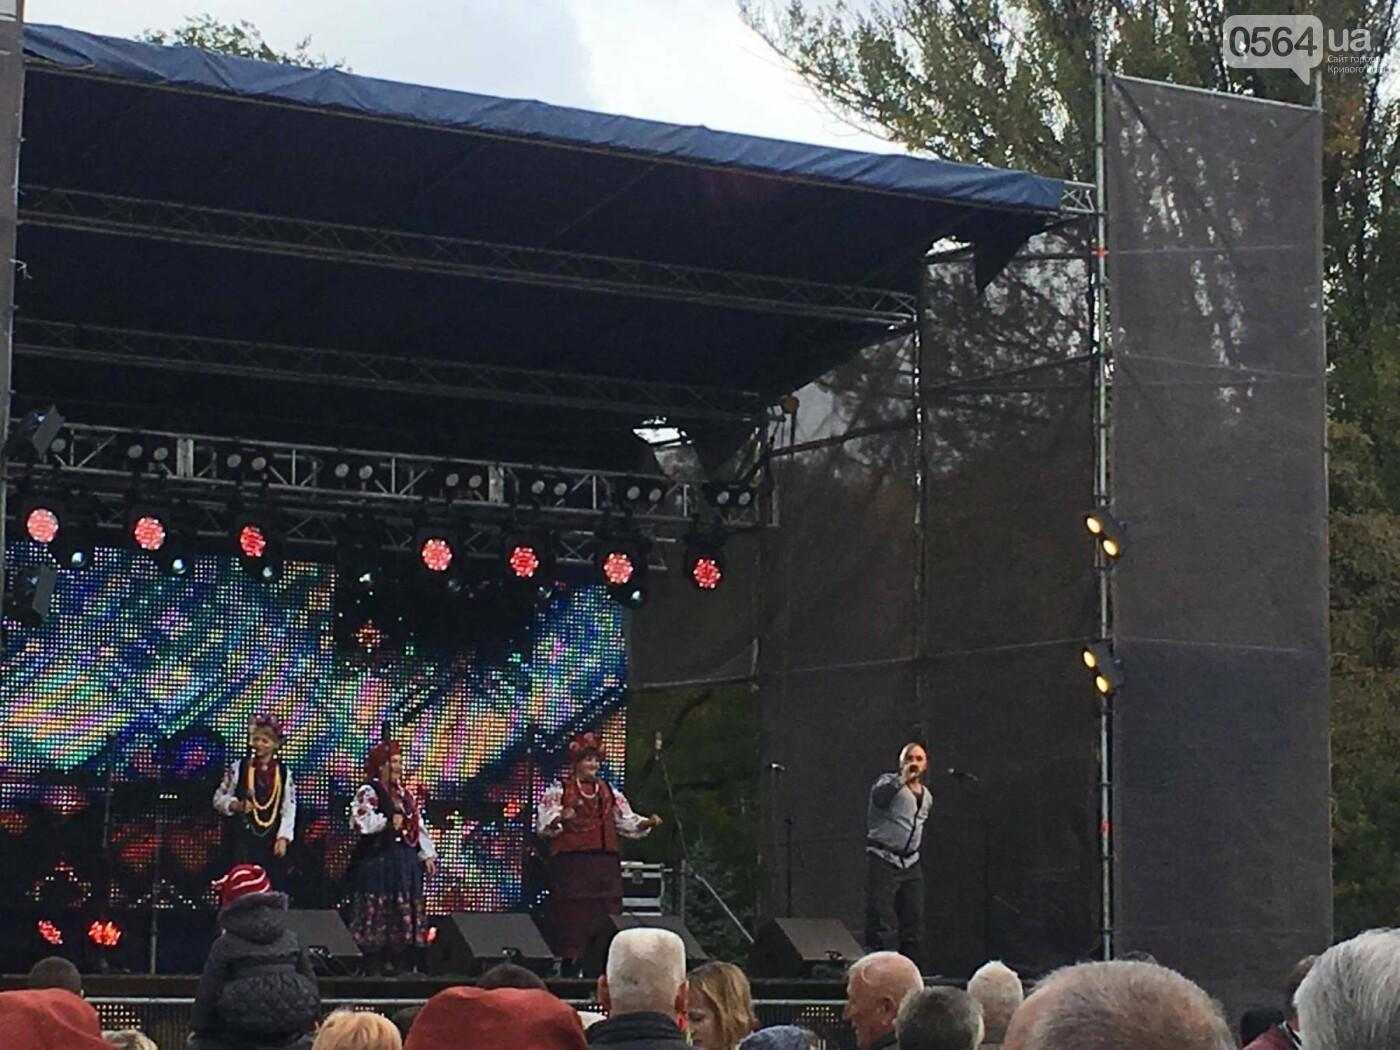 Тысячи криворожан отмечают День украинского козачества на Фестивале в парке Героев (ФОТО, ВИДЕО), фото-2